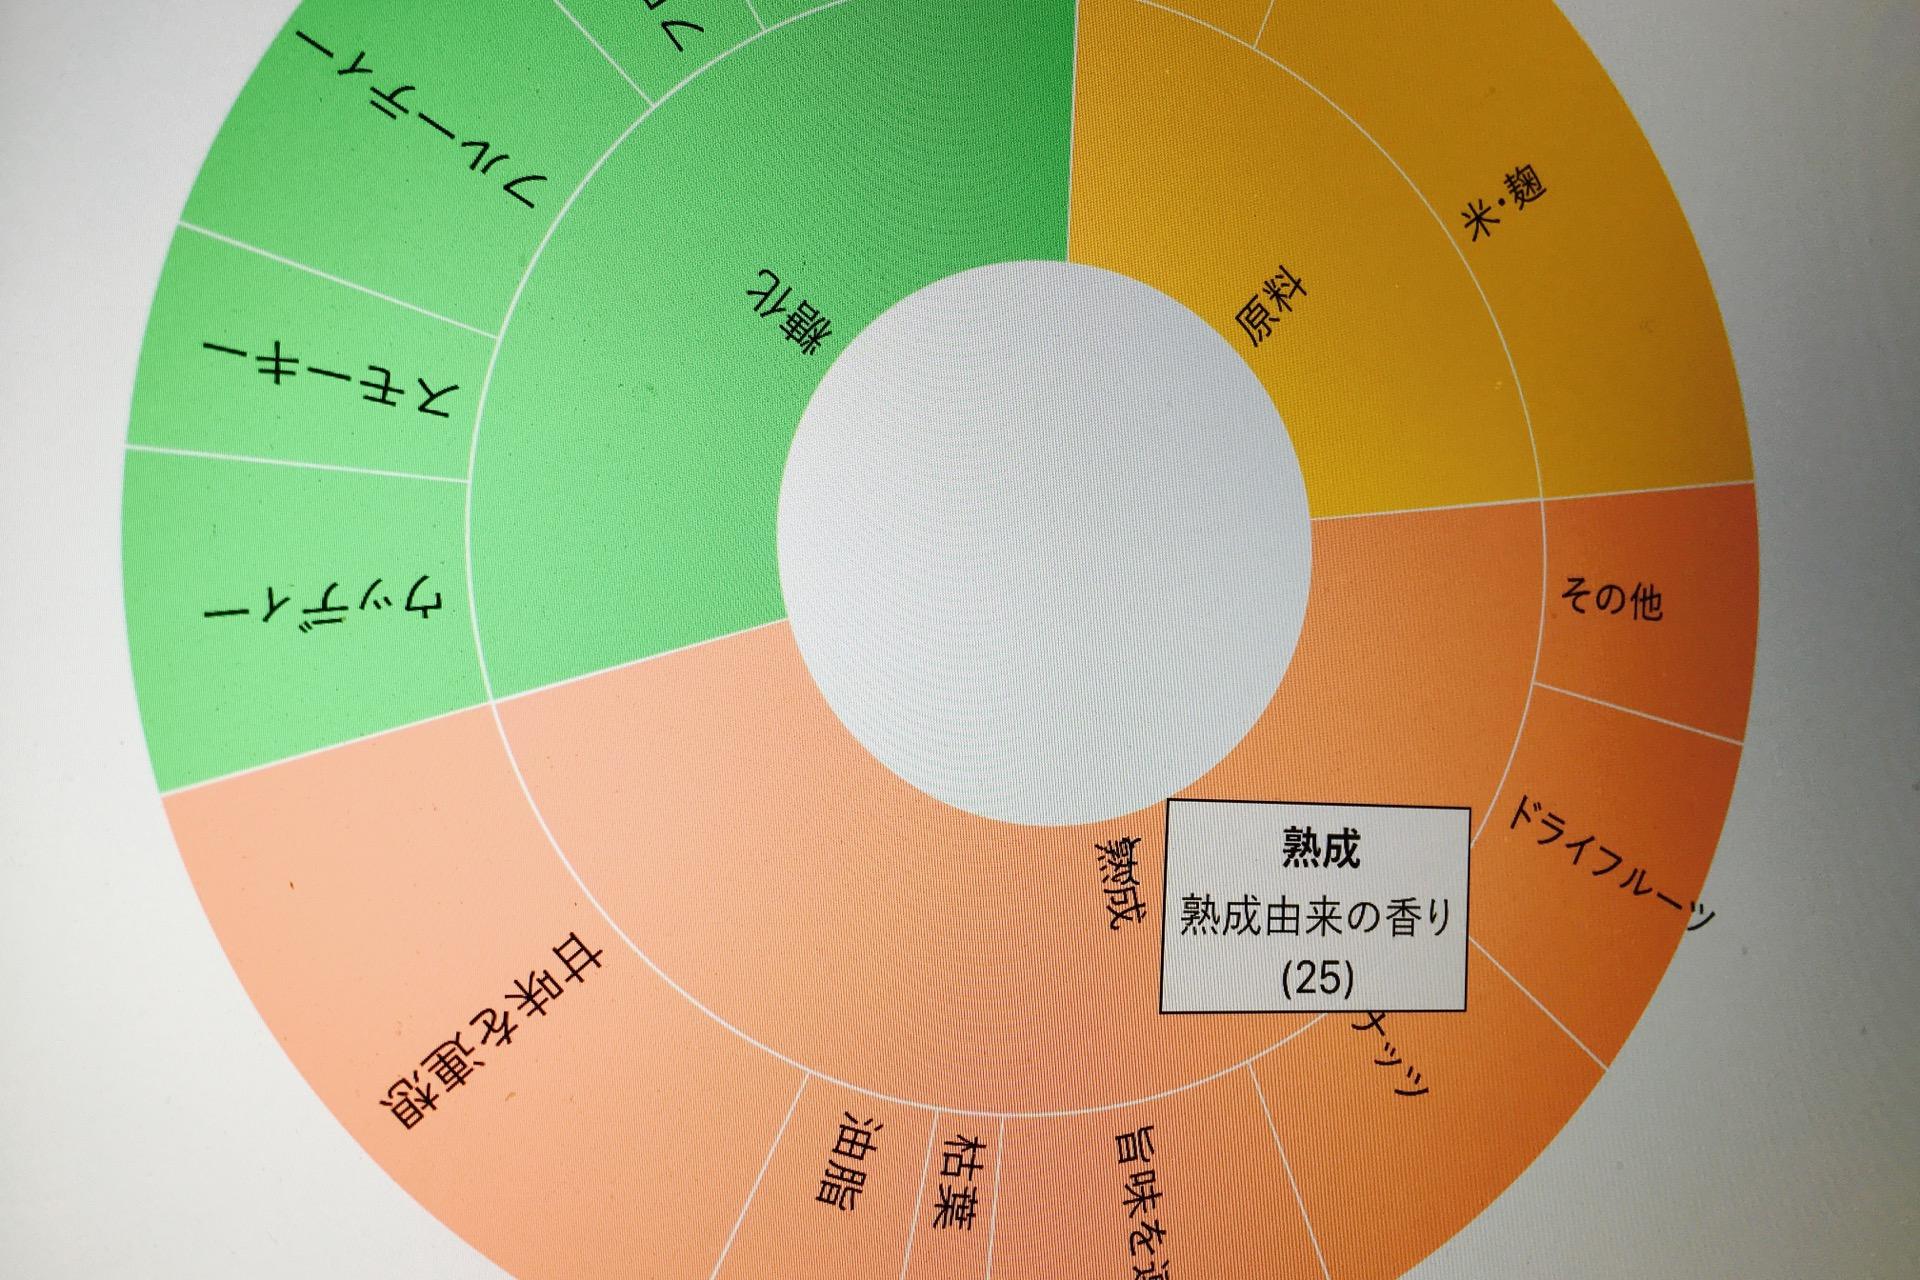 みりんのアロマホイール version 0.5